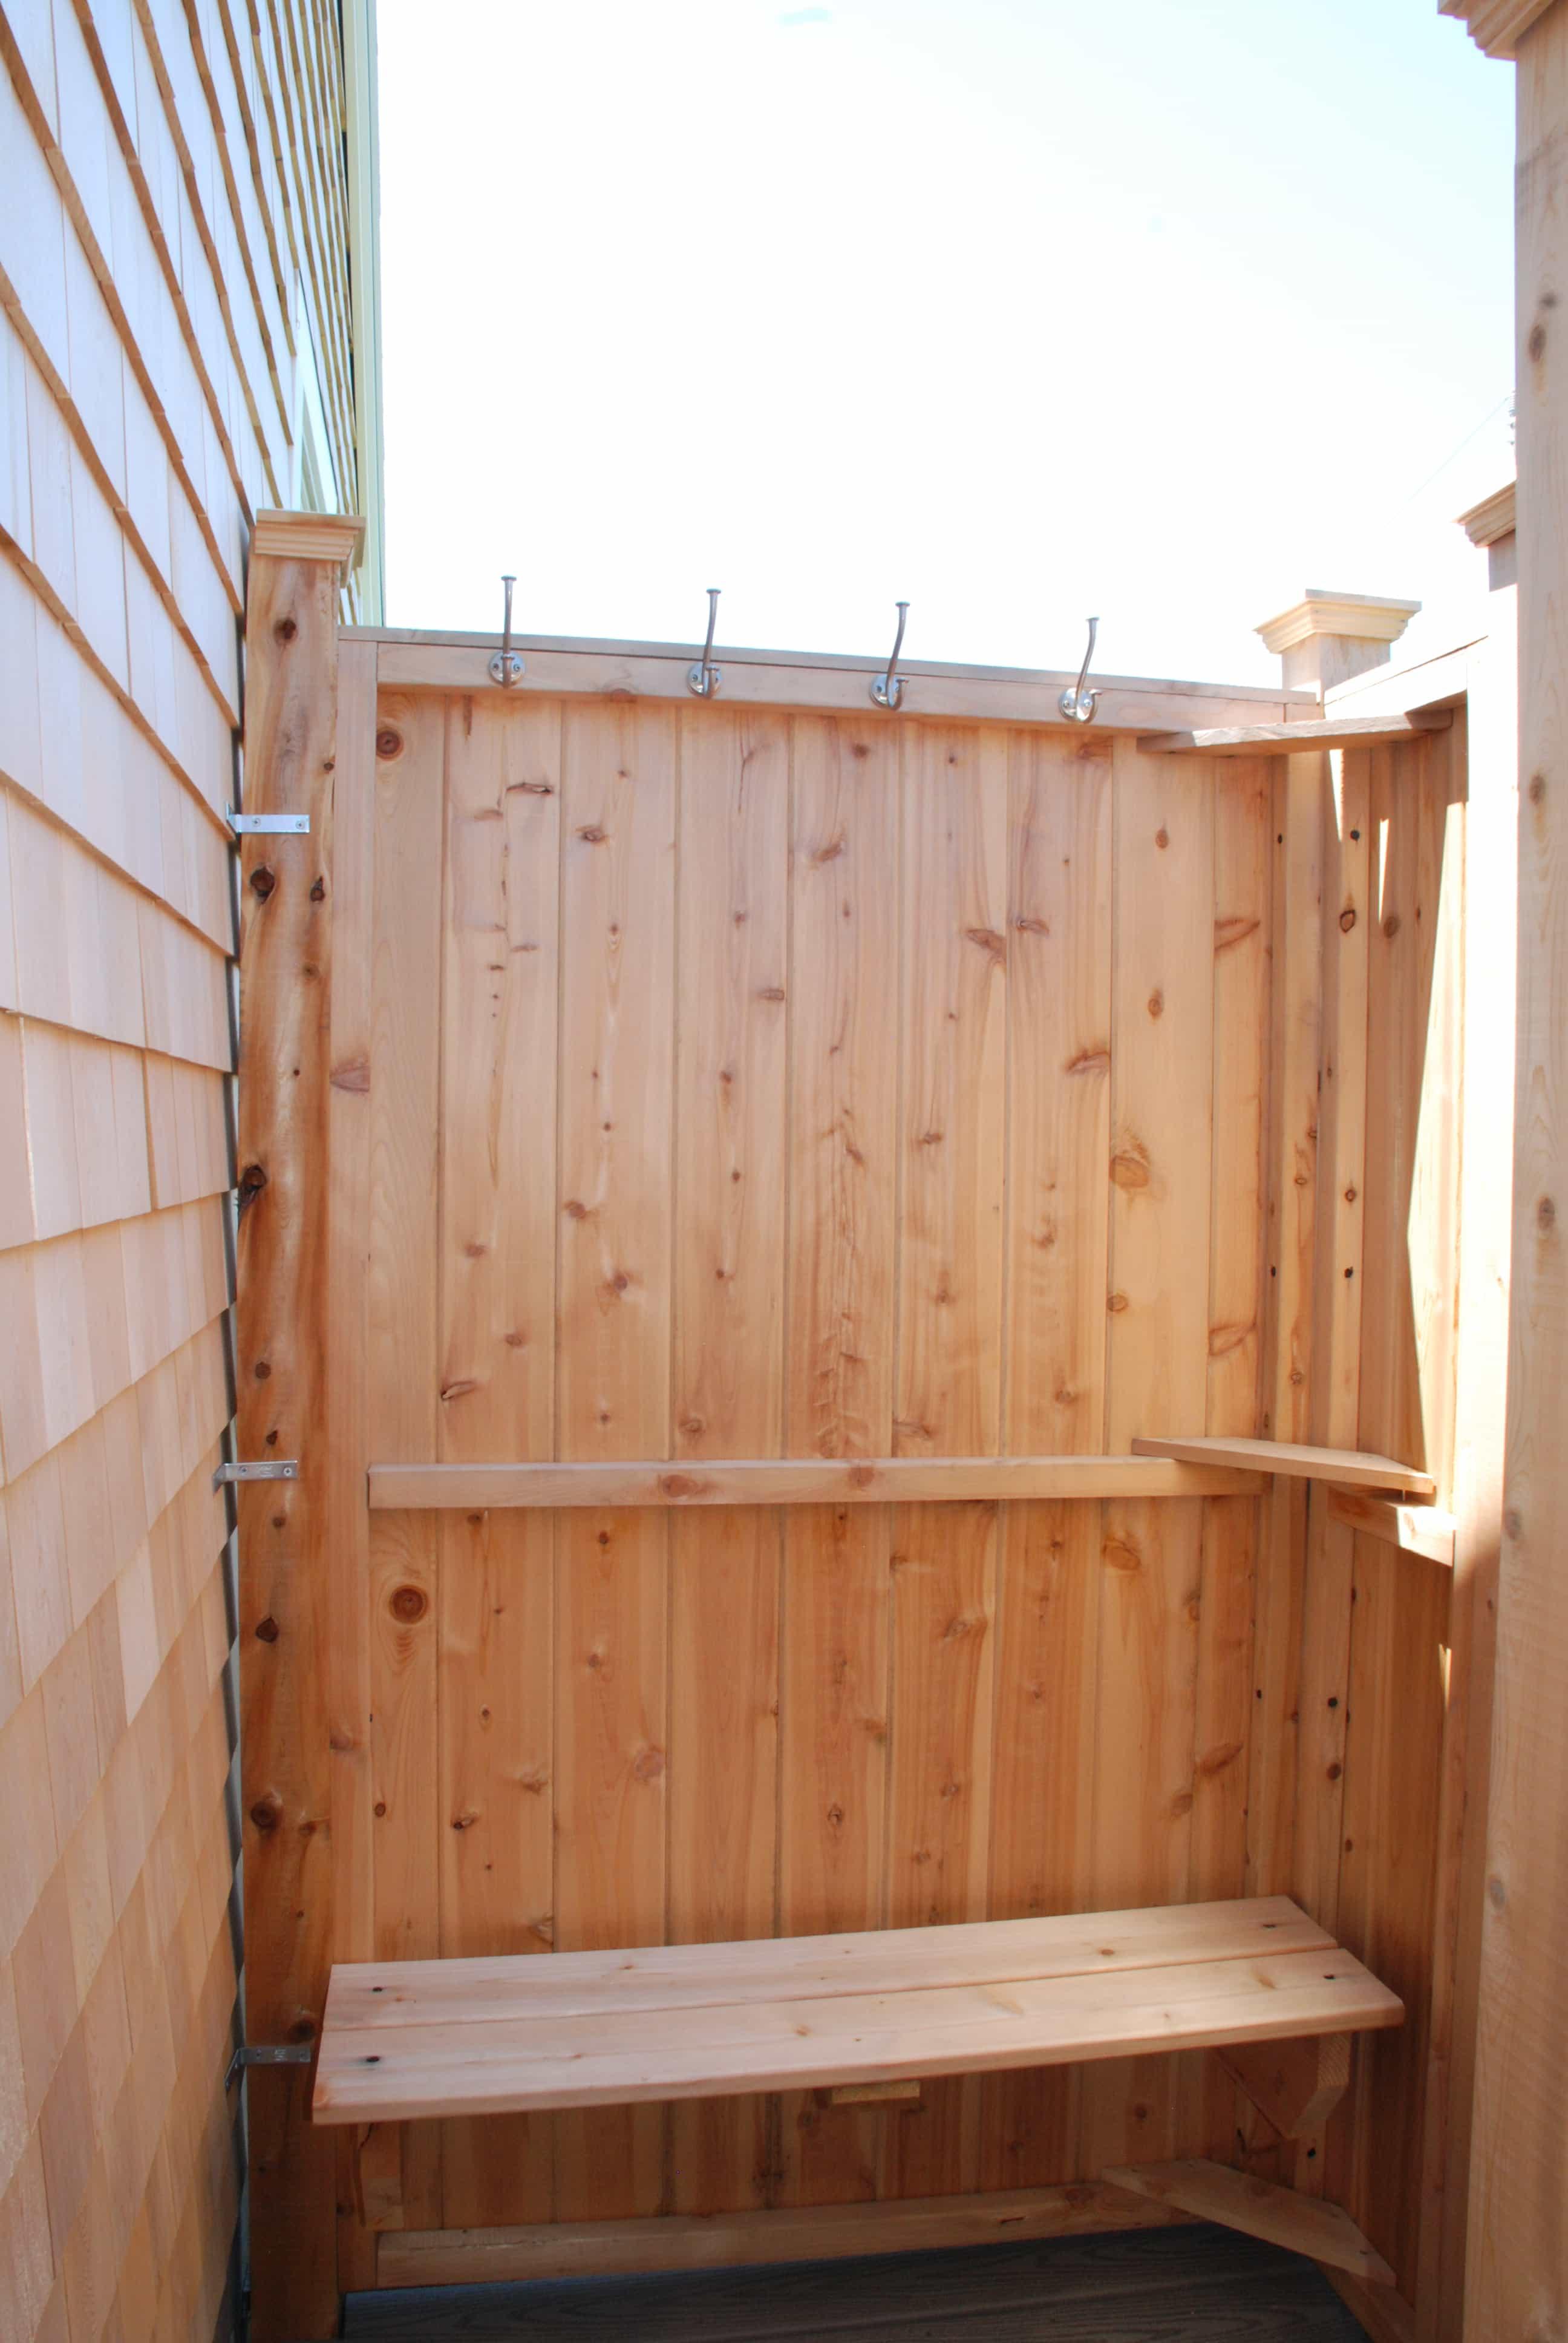 Outdoor Showers Cedar - Custom Shower Bench, Shelf